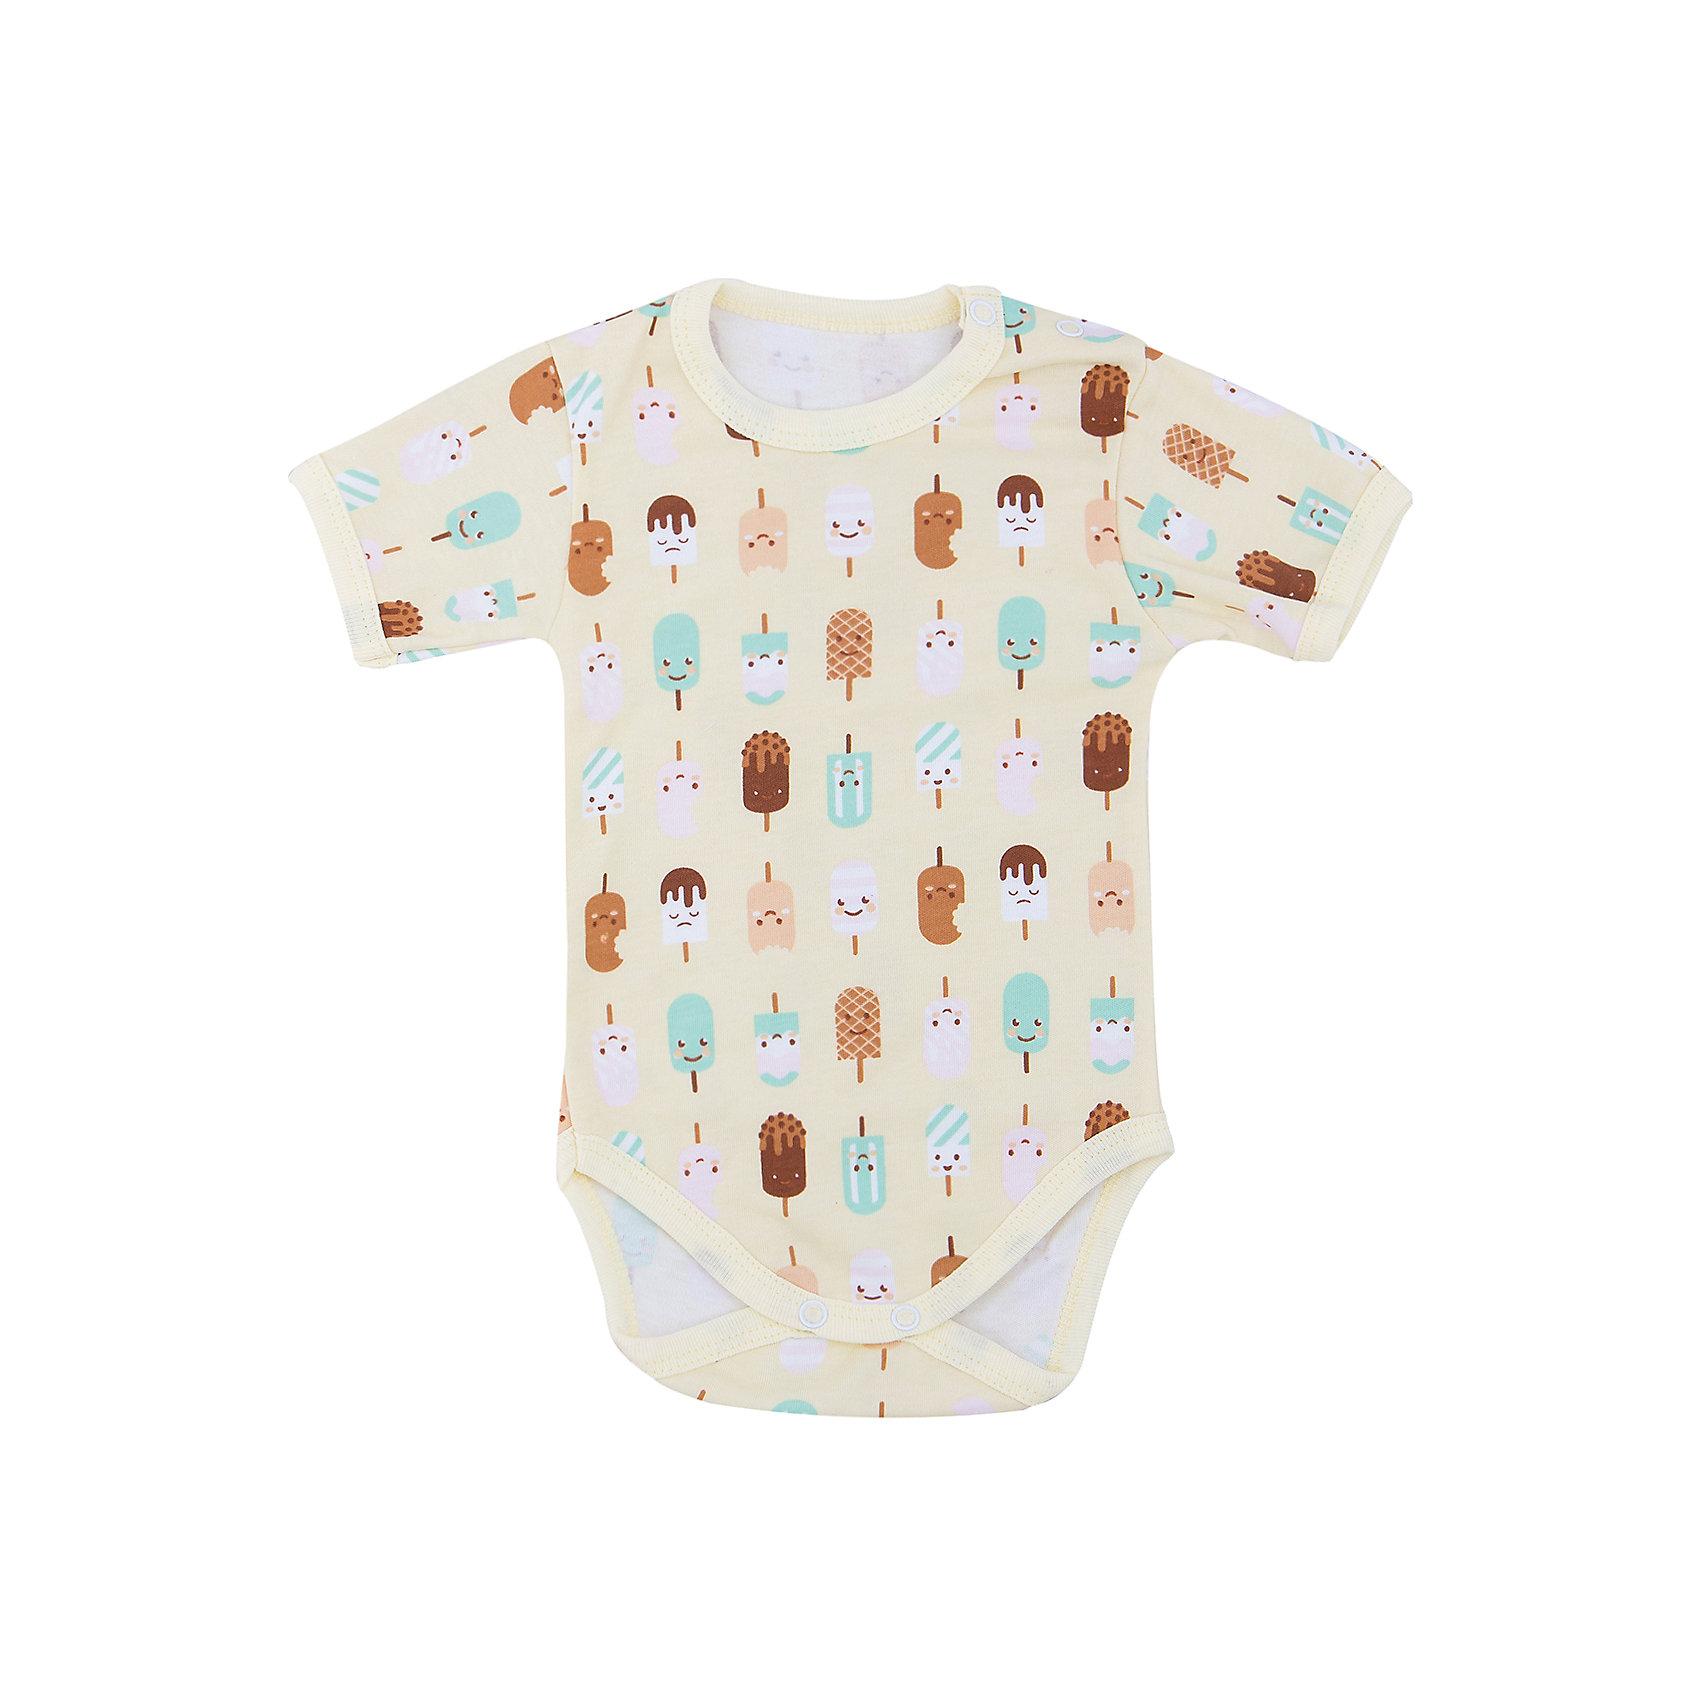 Боди для девочки Веселый малышВ заботе о ребенке важно всё! Одежда для малышей должна быть удобной и качественной - это один из необходимых факторов для правильного развития и хорошего самочувствия ребенка.<br>Это боди отличается высоким качеством швов, окантовкой краёв изделия, что позволяет ему хорошо фиксироваться на теле малыша, не сползать и не натирать. Застежки - удобные кнопки, которые не мешают ребенку. Материал - интерлок. Это плотная ткань из натурального хлопка, гладкая, приятная на ощупь, дышащая и гипоаллергенная. Расцветка изделия позволяет легко комбинировать его с различной одеждой. <br><br>Дополнительная информация:<br><br>материал: 100% хлопок интерлок;<br>застежки: кнопки;<br>короткий рукав.<br><br>Боди от бренда Веселый малыш можно купить в нашем магазине.<br><br>Ширина мм: 157<br>Глубина мм: 13<br>Высота мм: 119<br>Вес г: 200<br>Цвет: желтый<br>Возраст от месяцев: 2<br>Возраст до месяцев: 5<br>Пол: Женский<br>Возраст: Детский<br>Размер: 62,80,68<br>SKU: 4810174